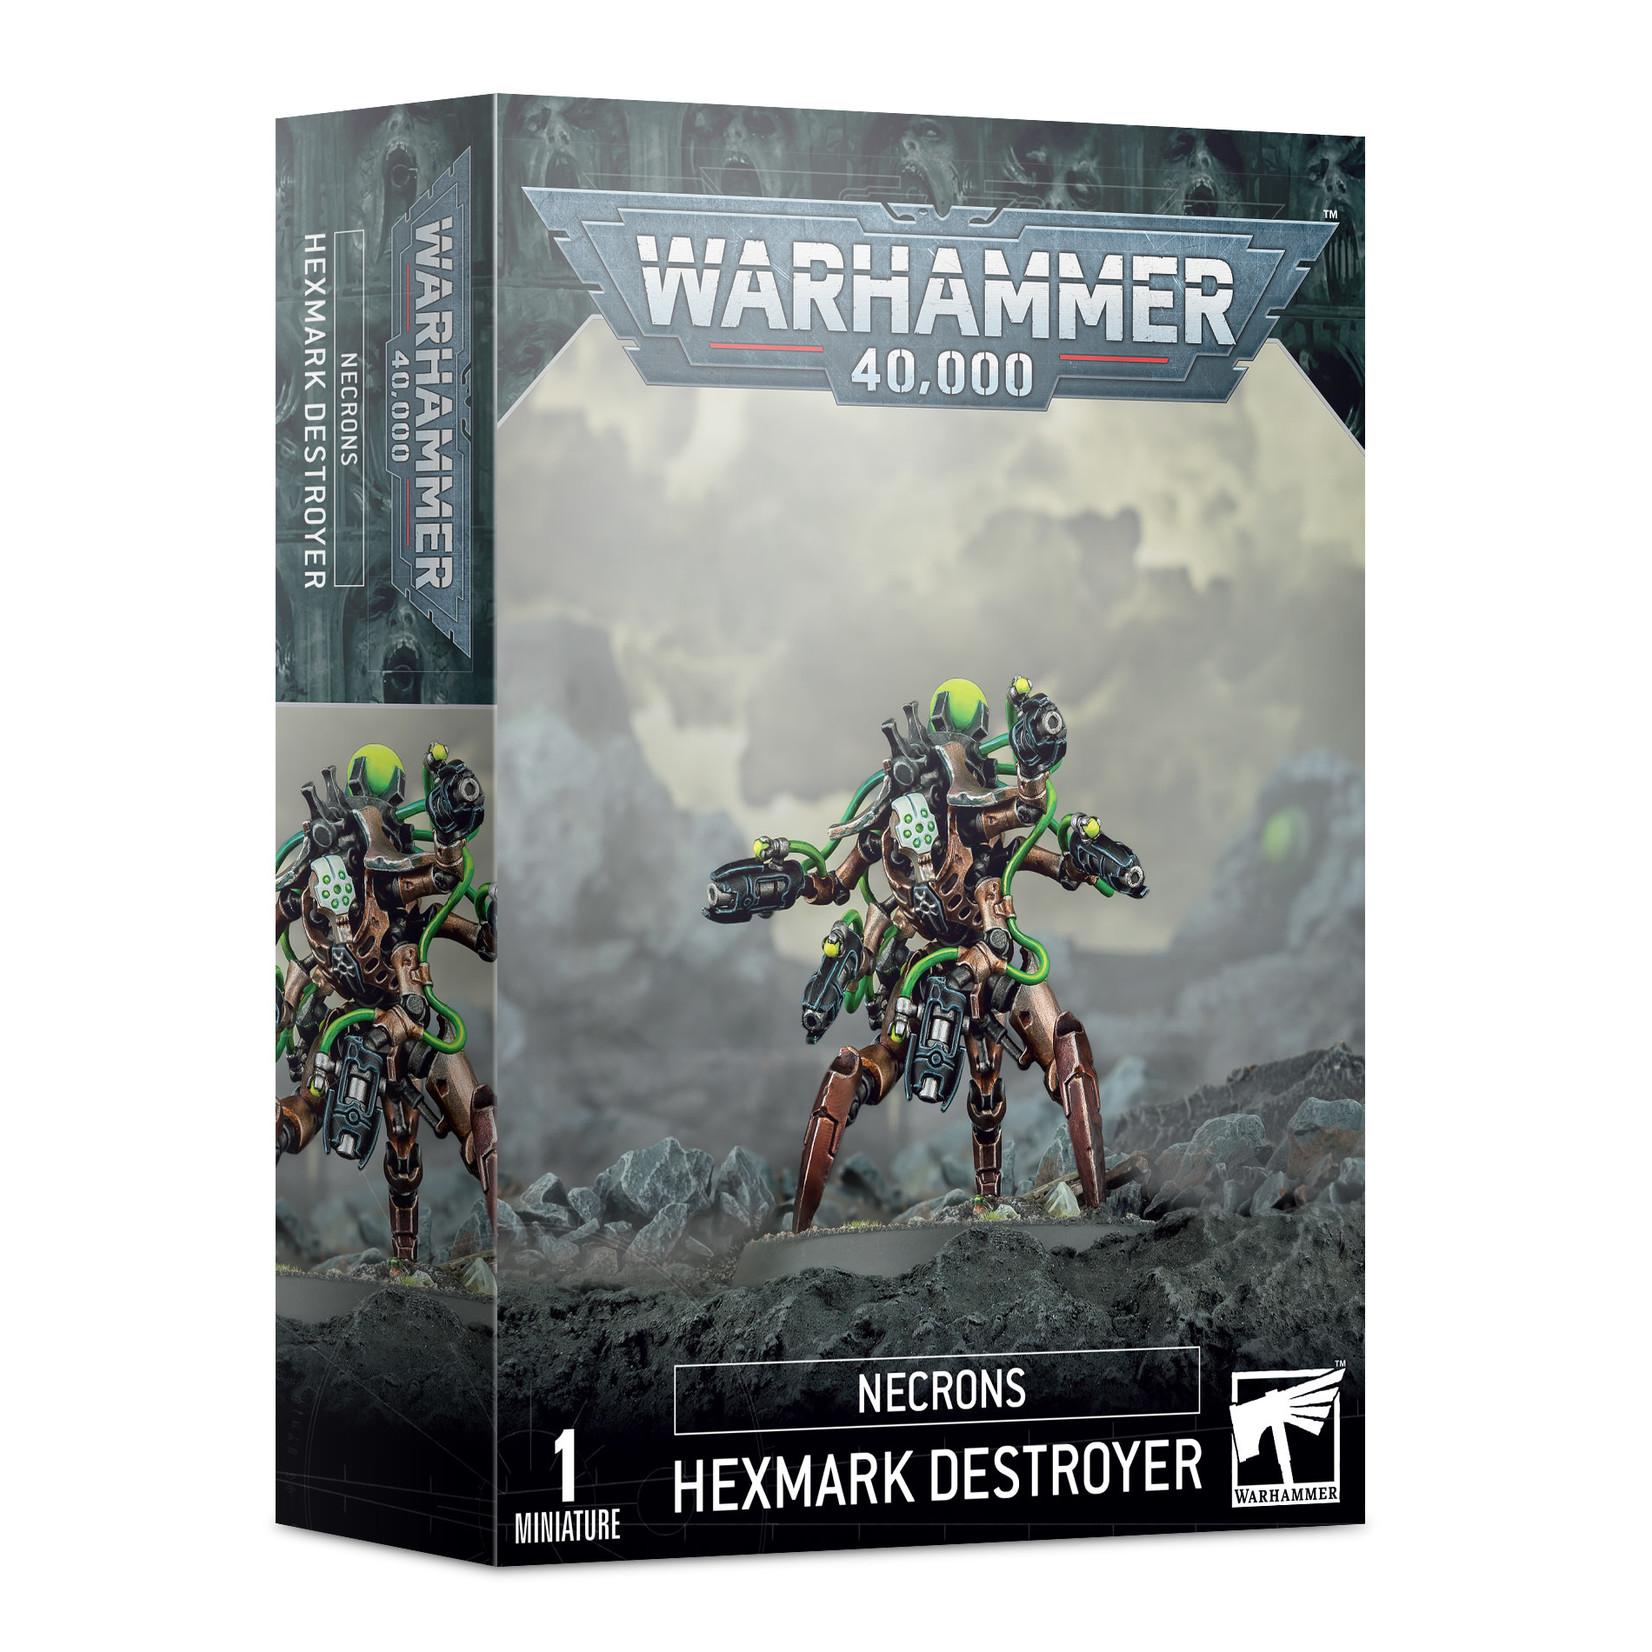 Games Workshop Warhammer 40k: Hexmark Destroyer